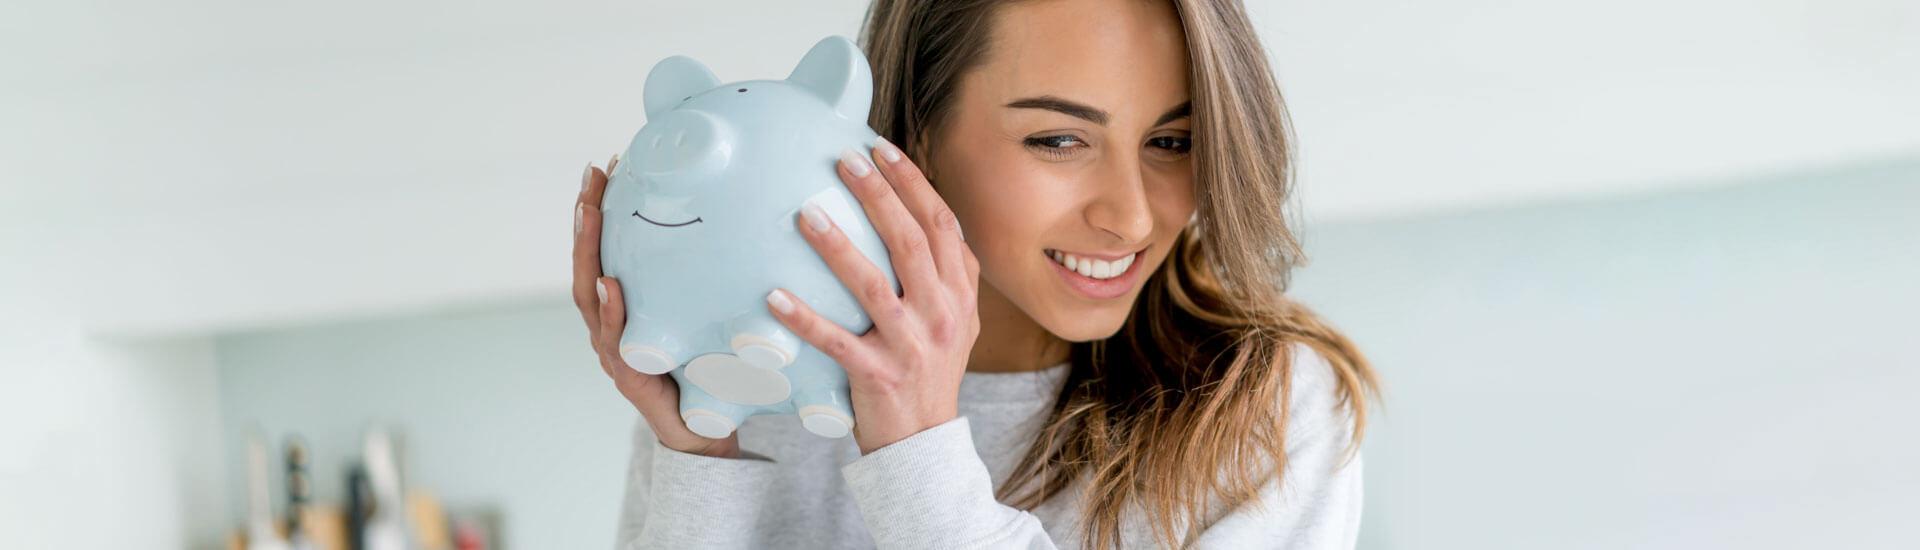 fondssparplan-oben-Was-ist-fondssparen